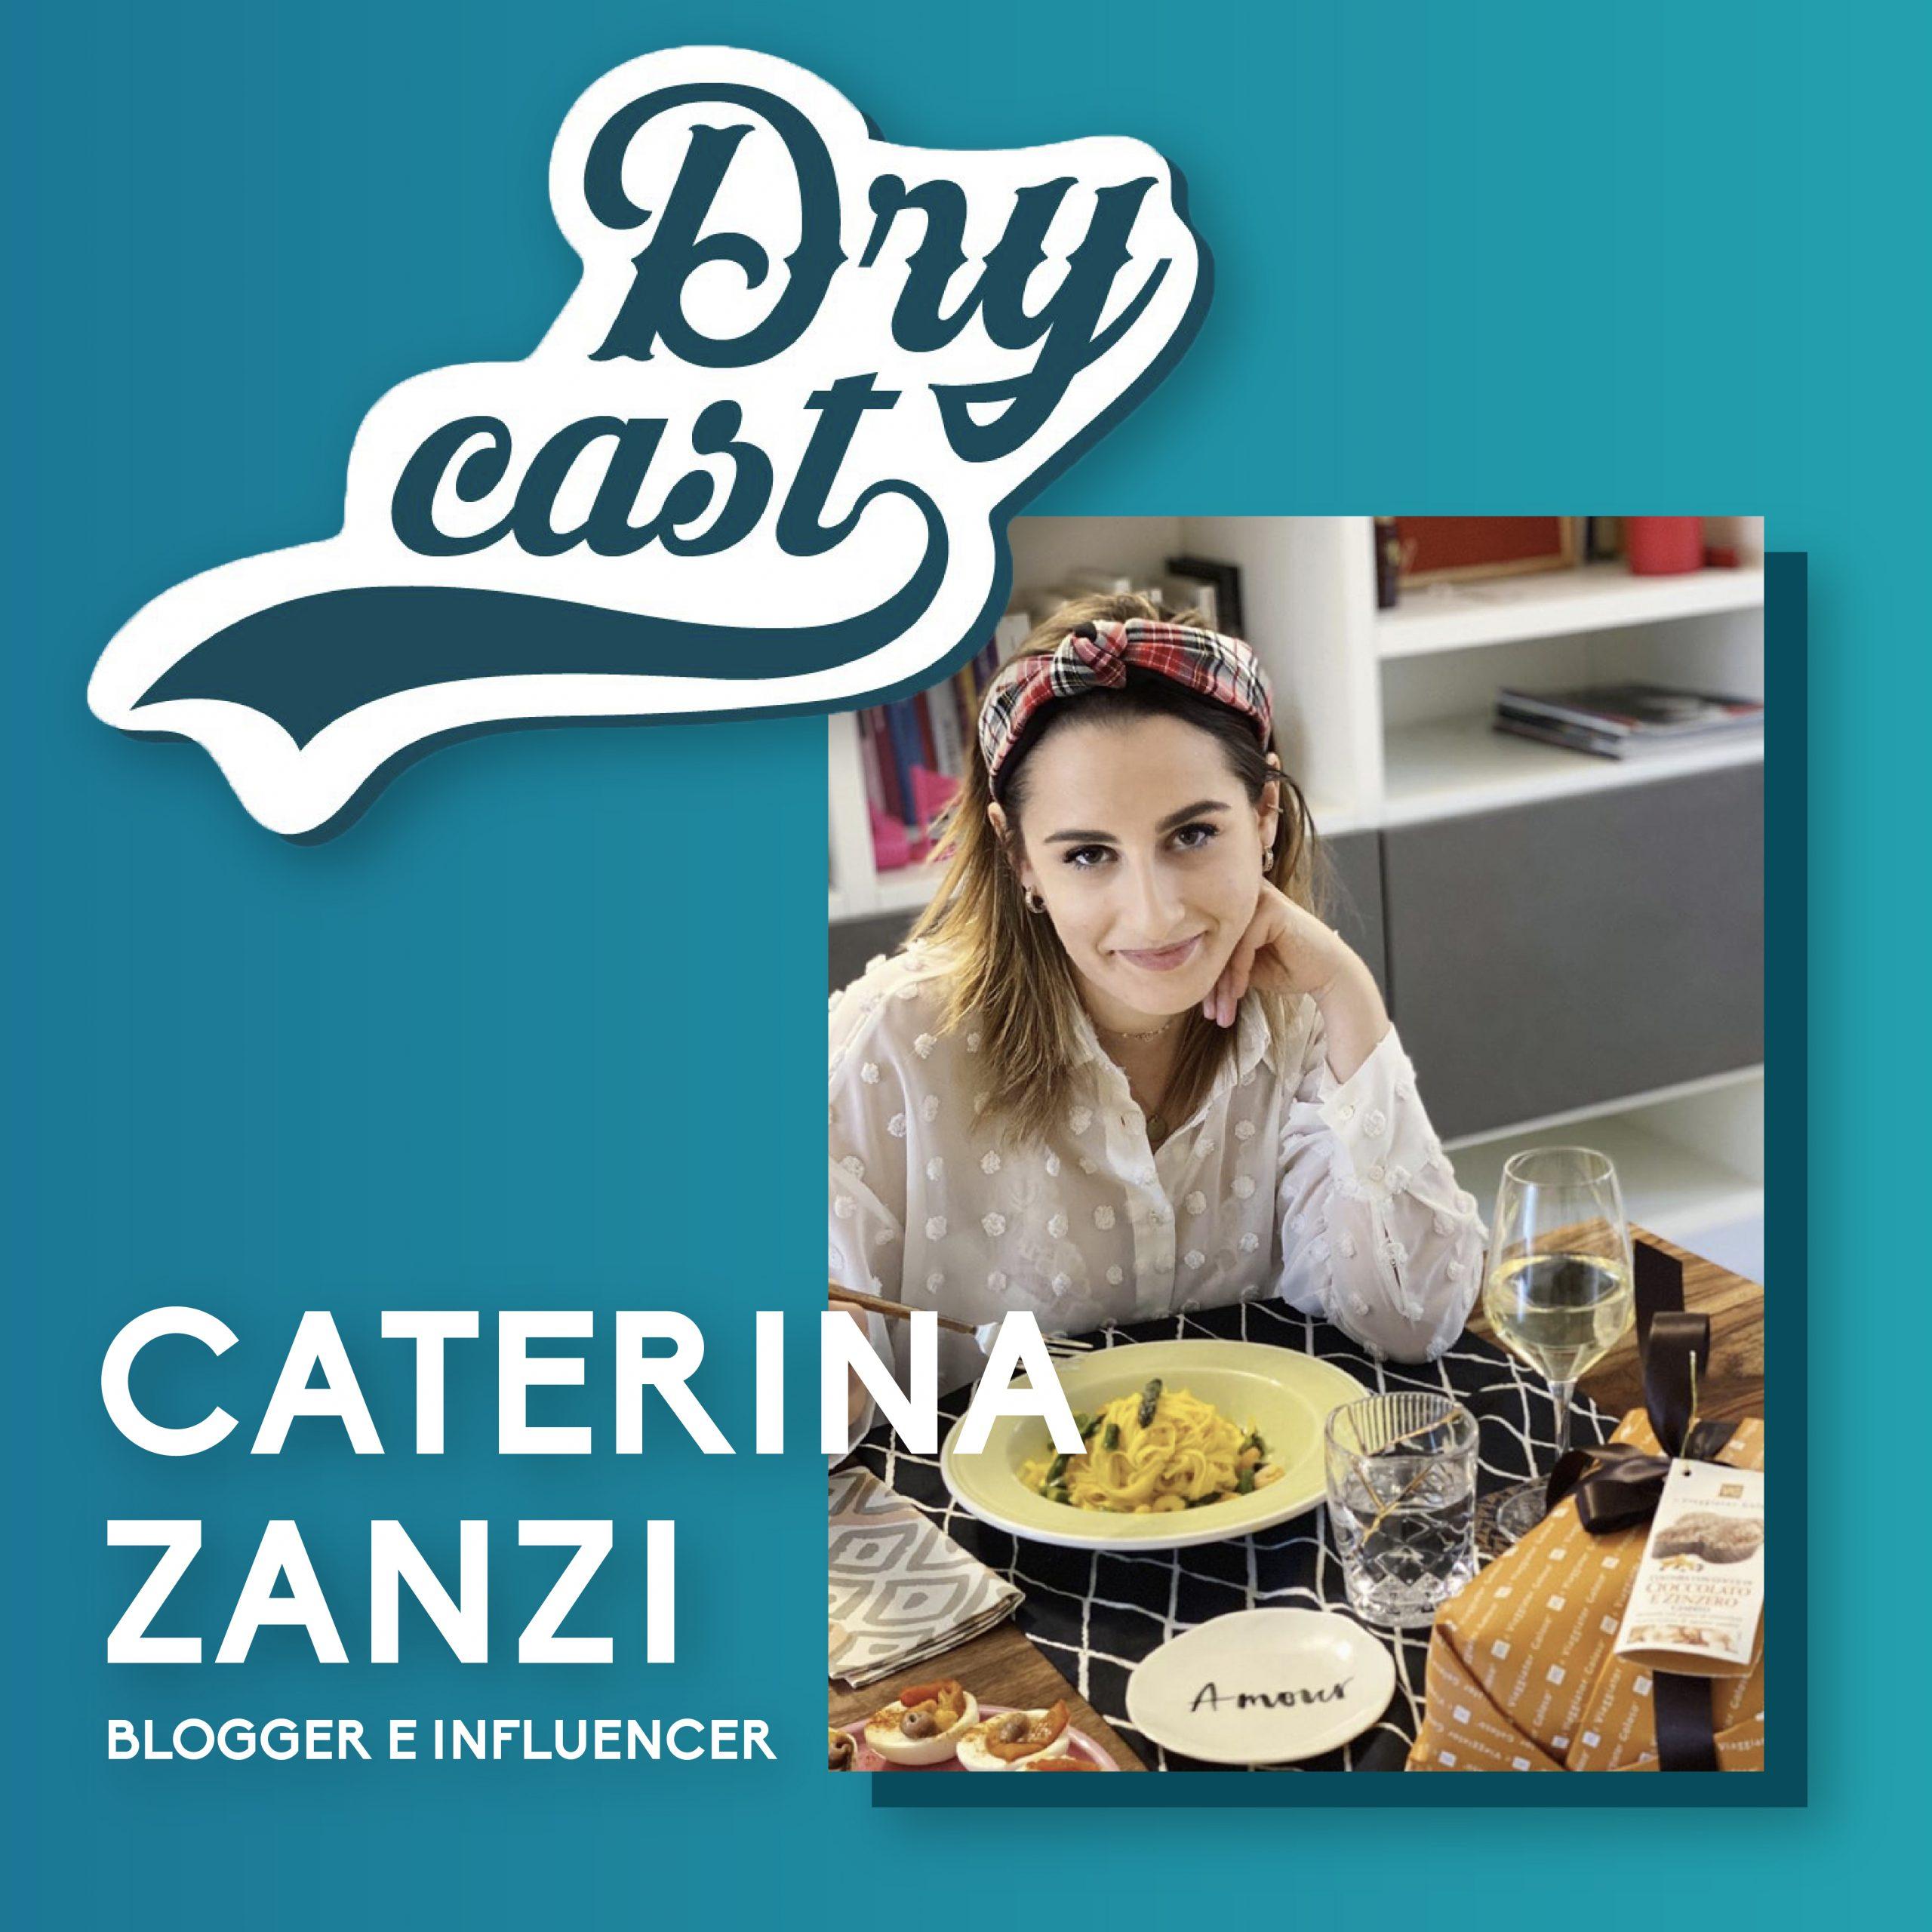 34 - Caterina Zanzi